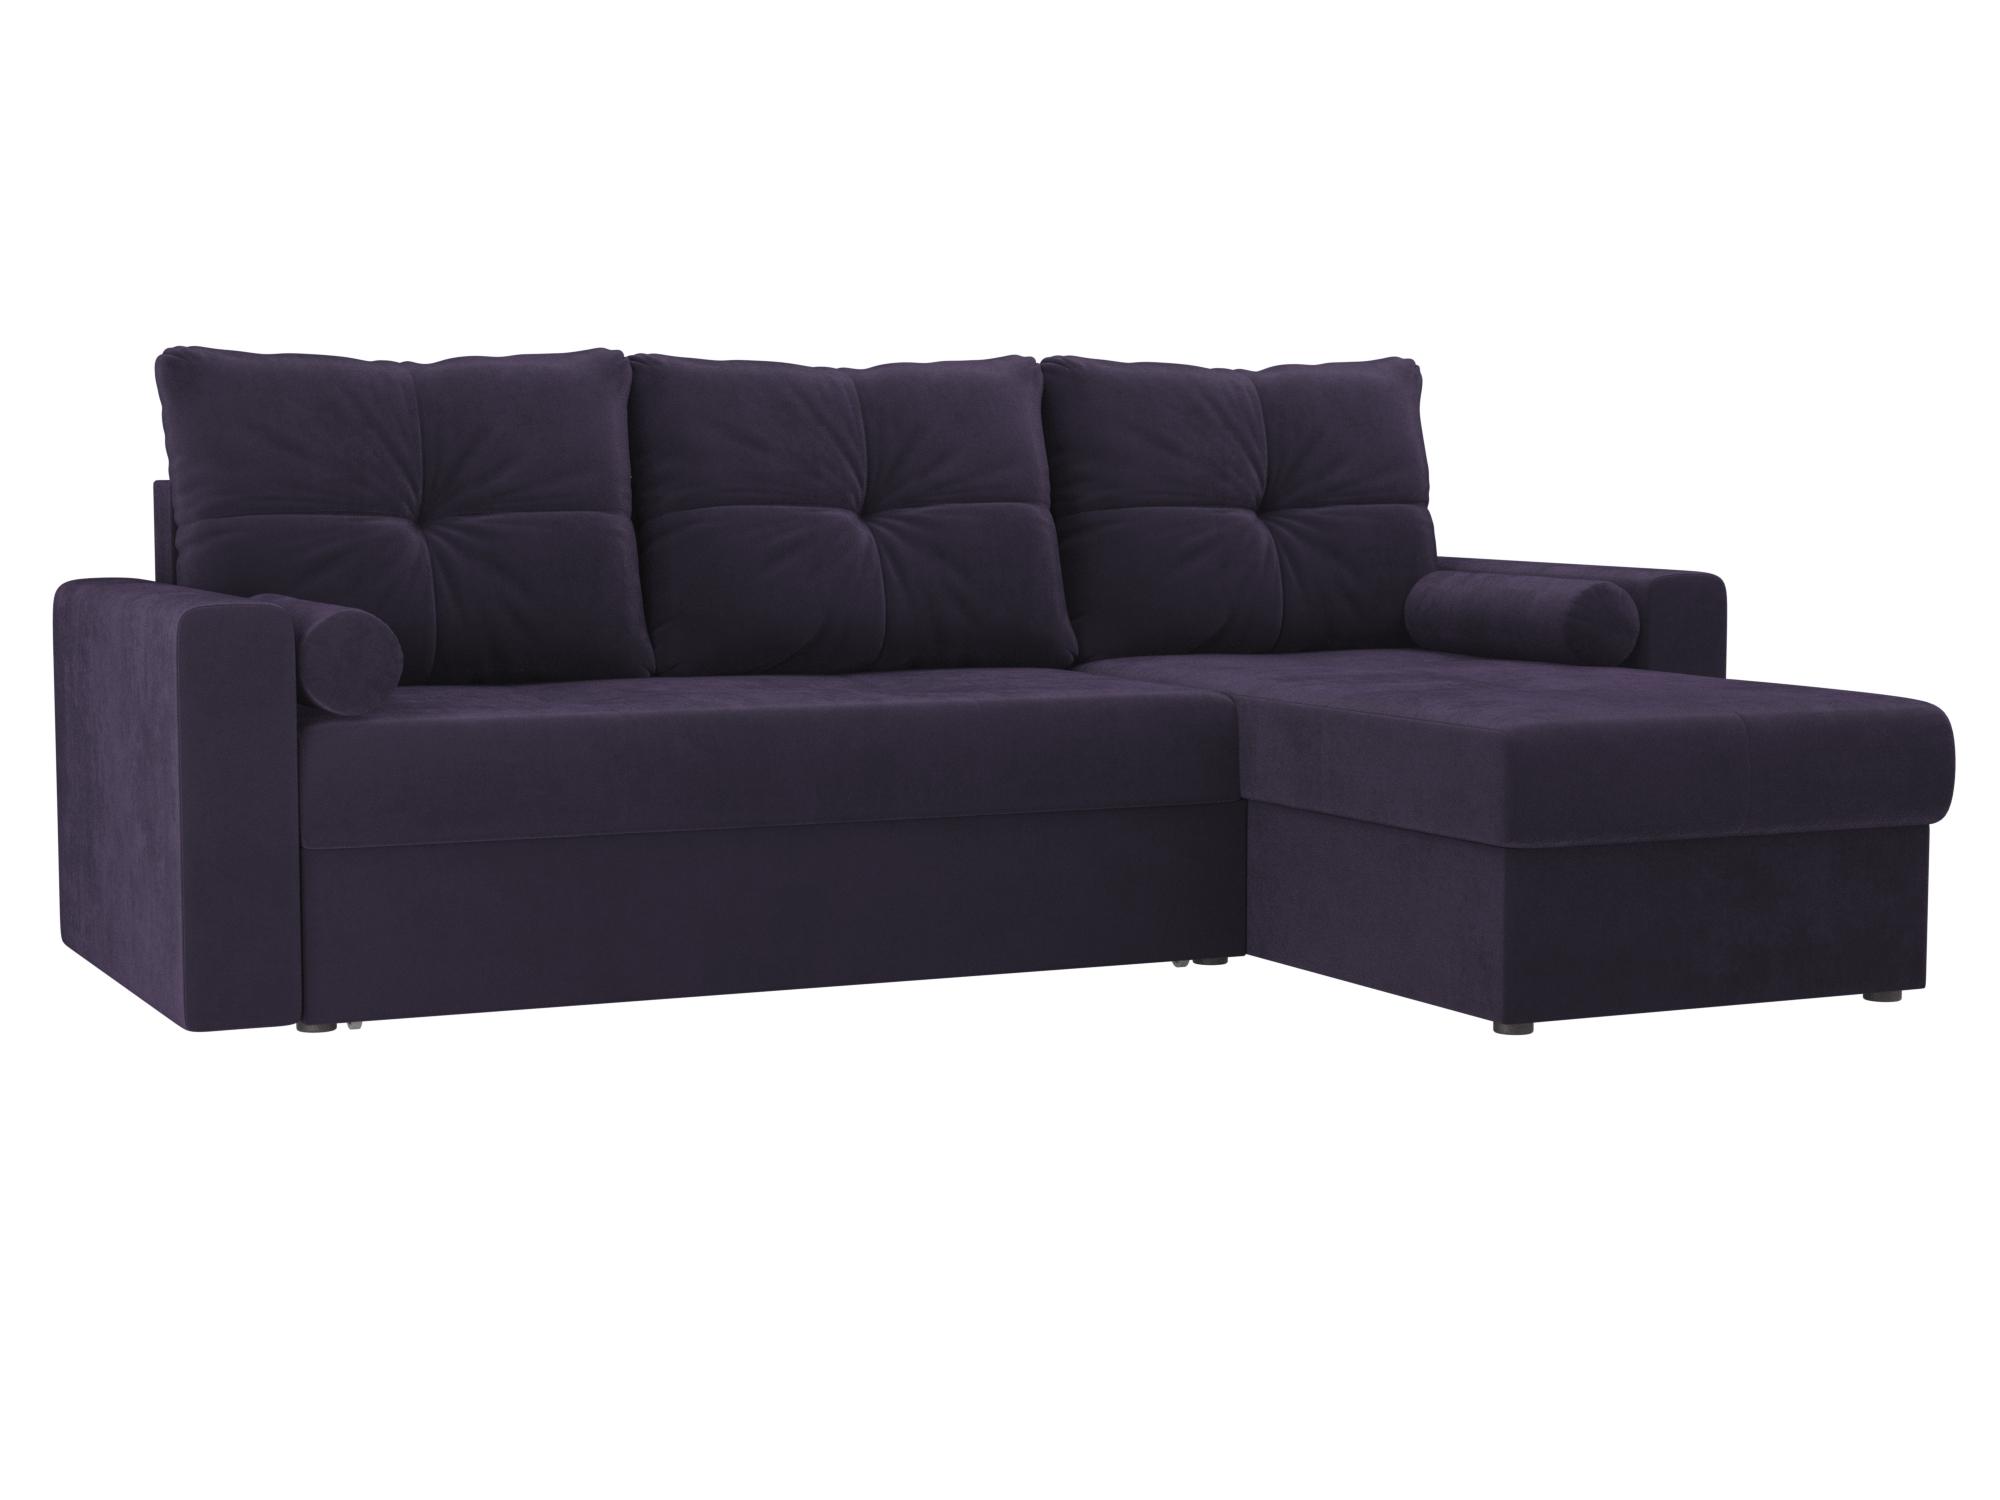 Угловой диван Верона правый MebelVia Фиолетовый